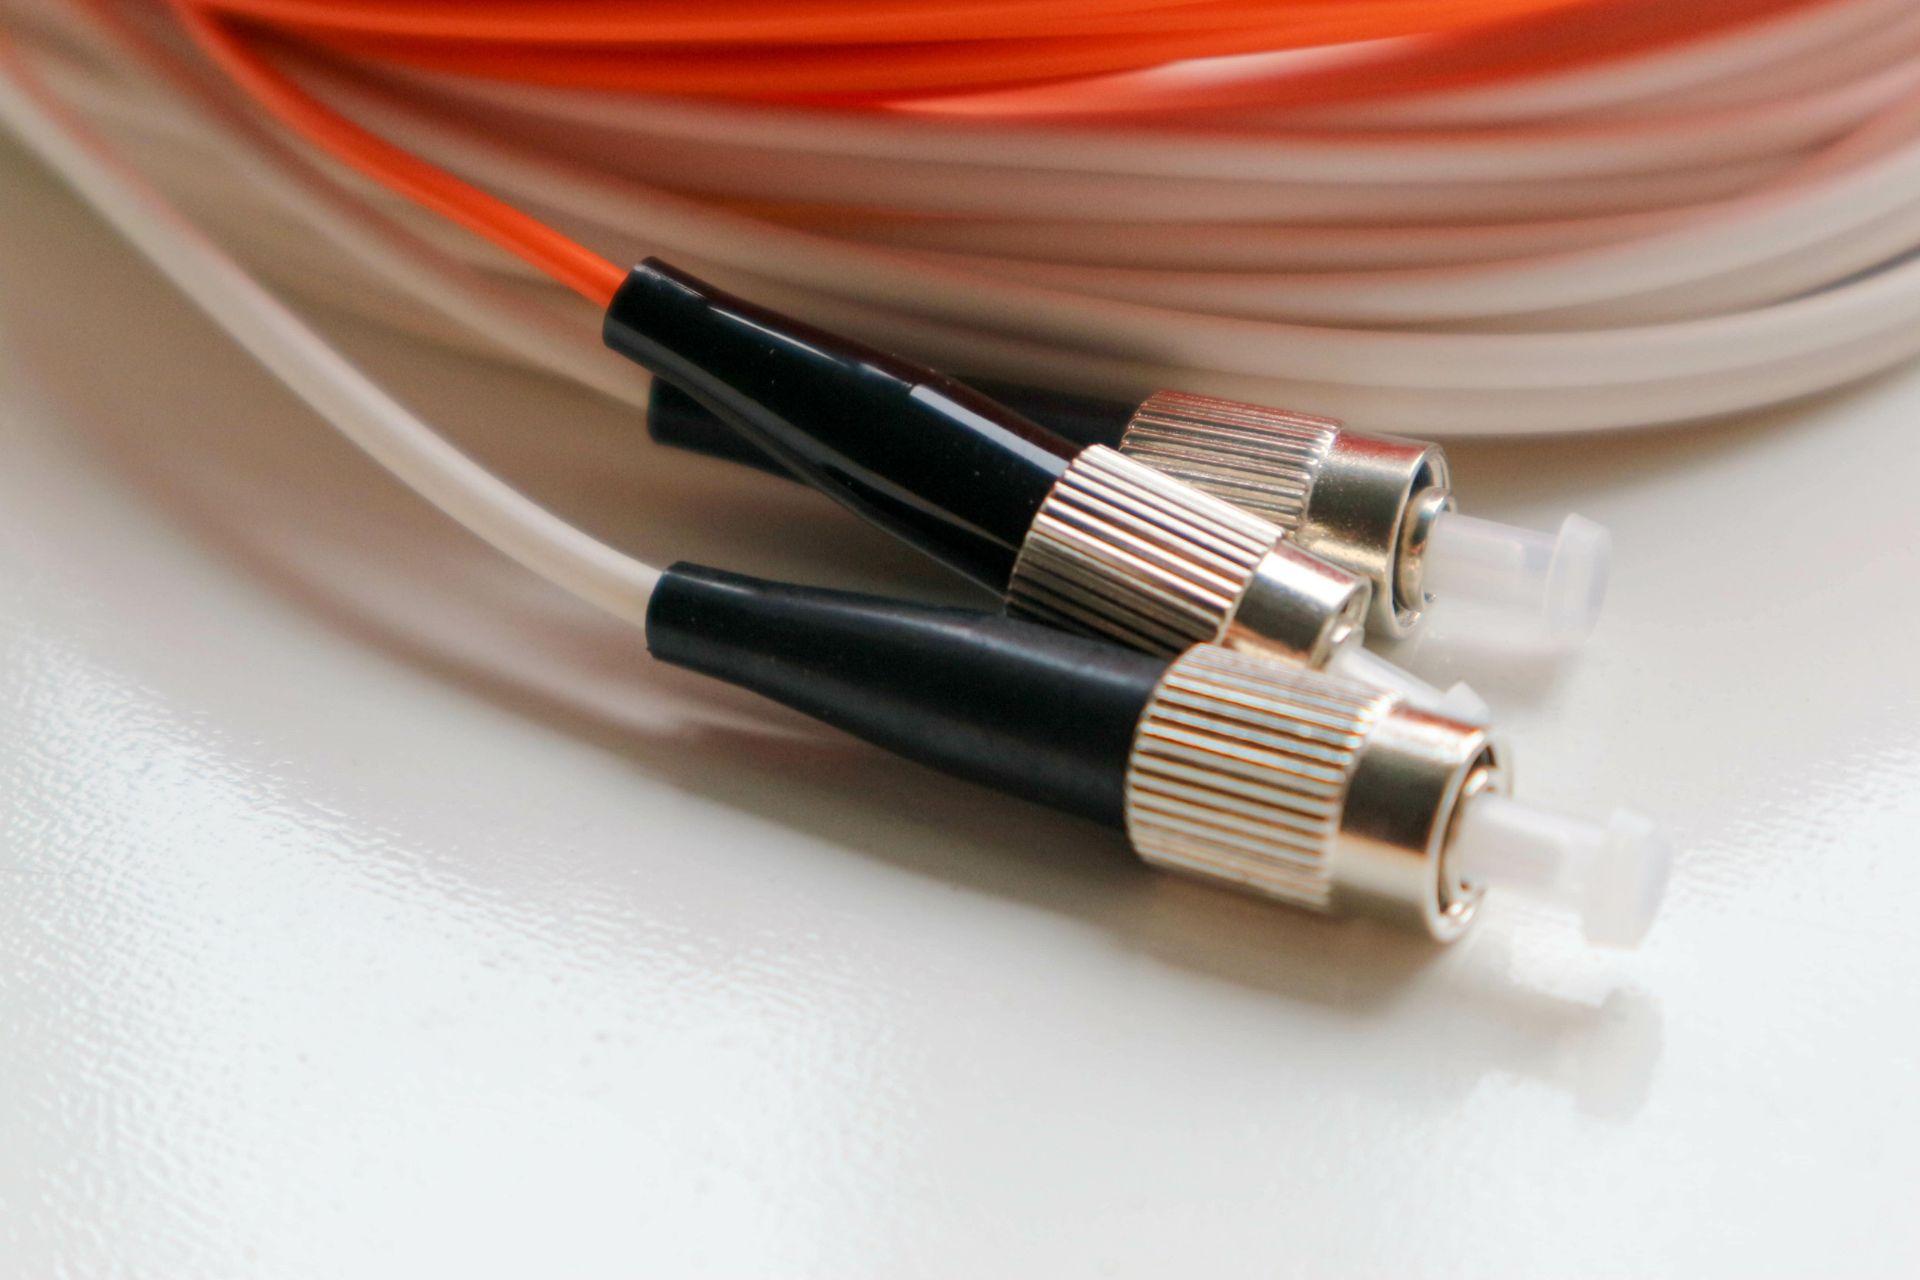 Fiber optic data cabling